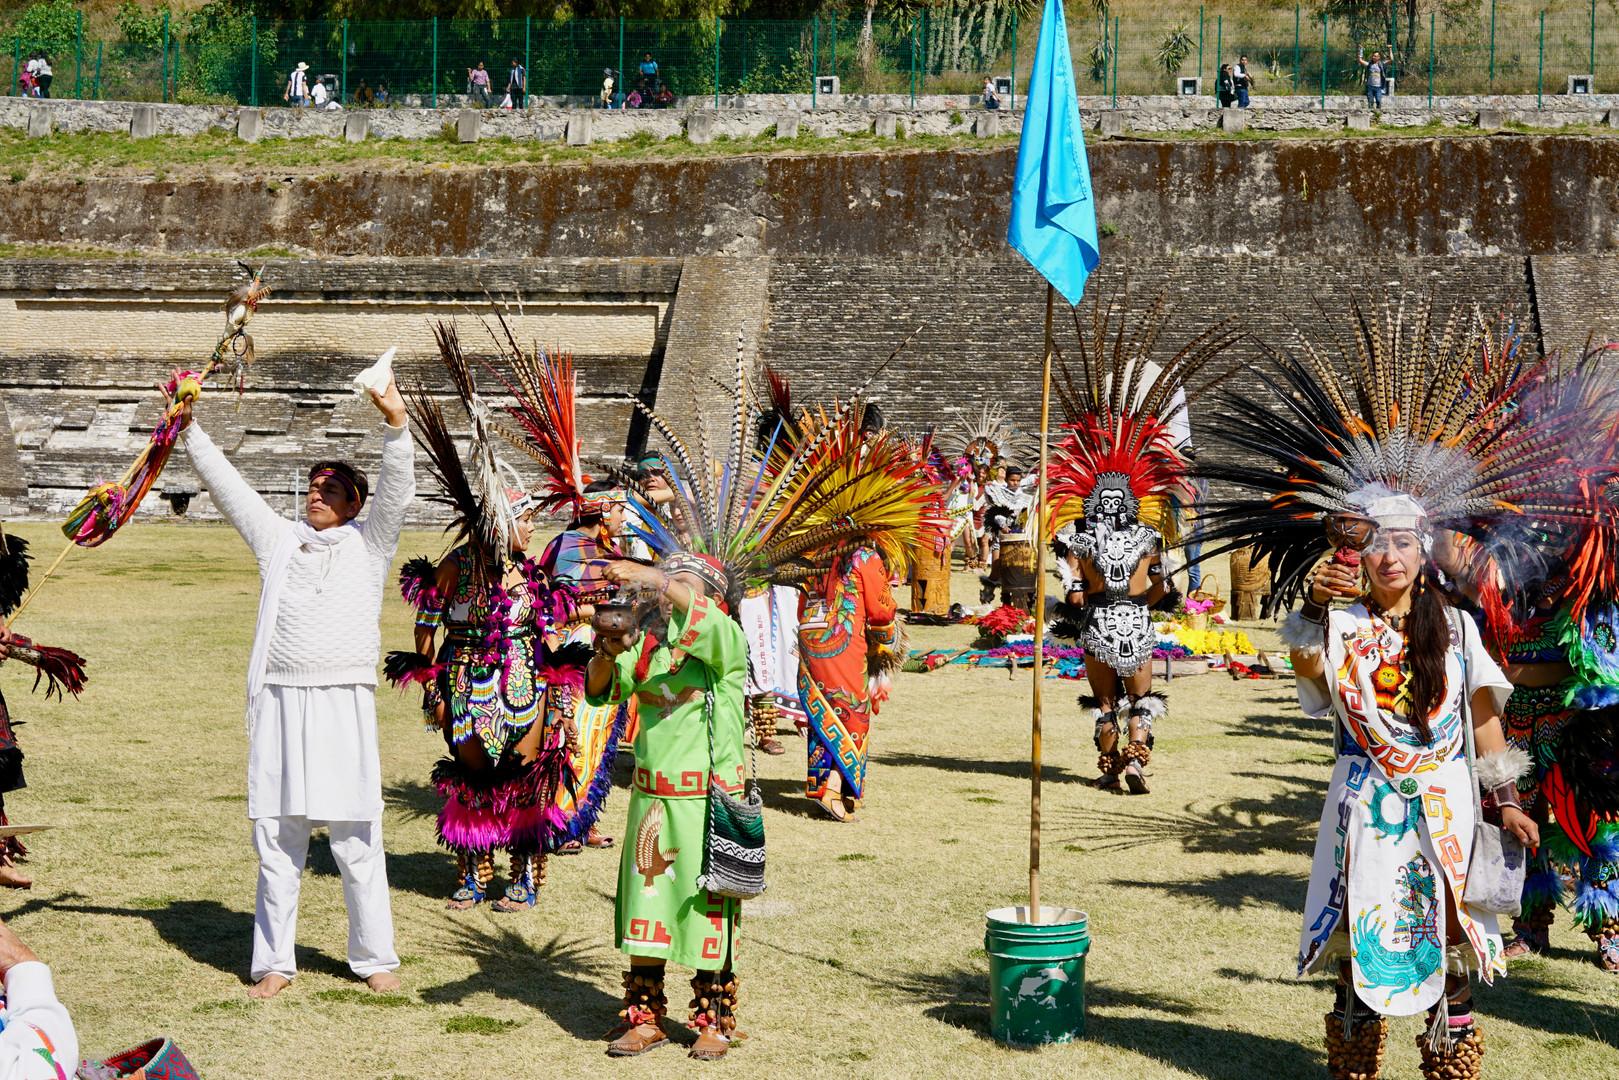 Mexico_Auswahl_Markus - 210 von 802.jpg